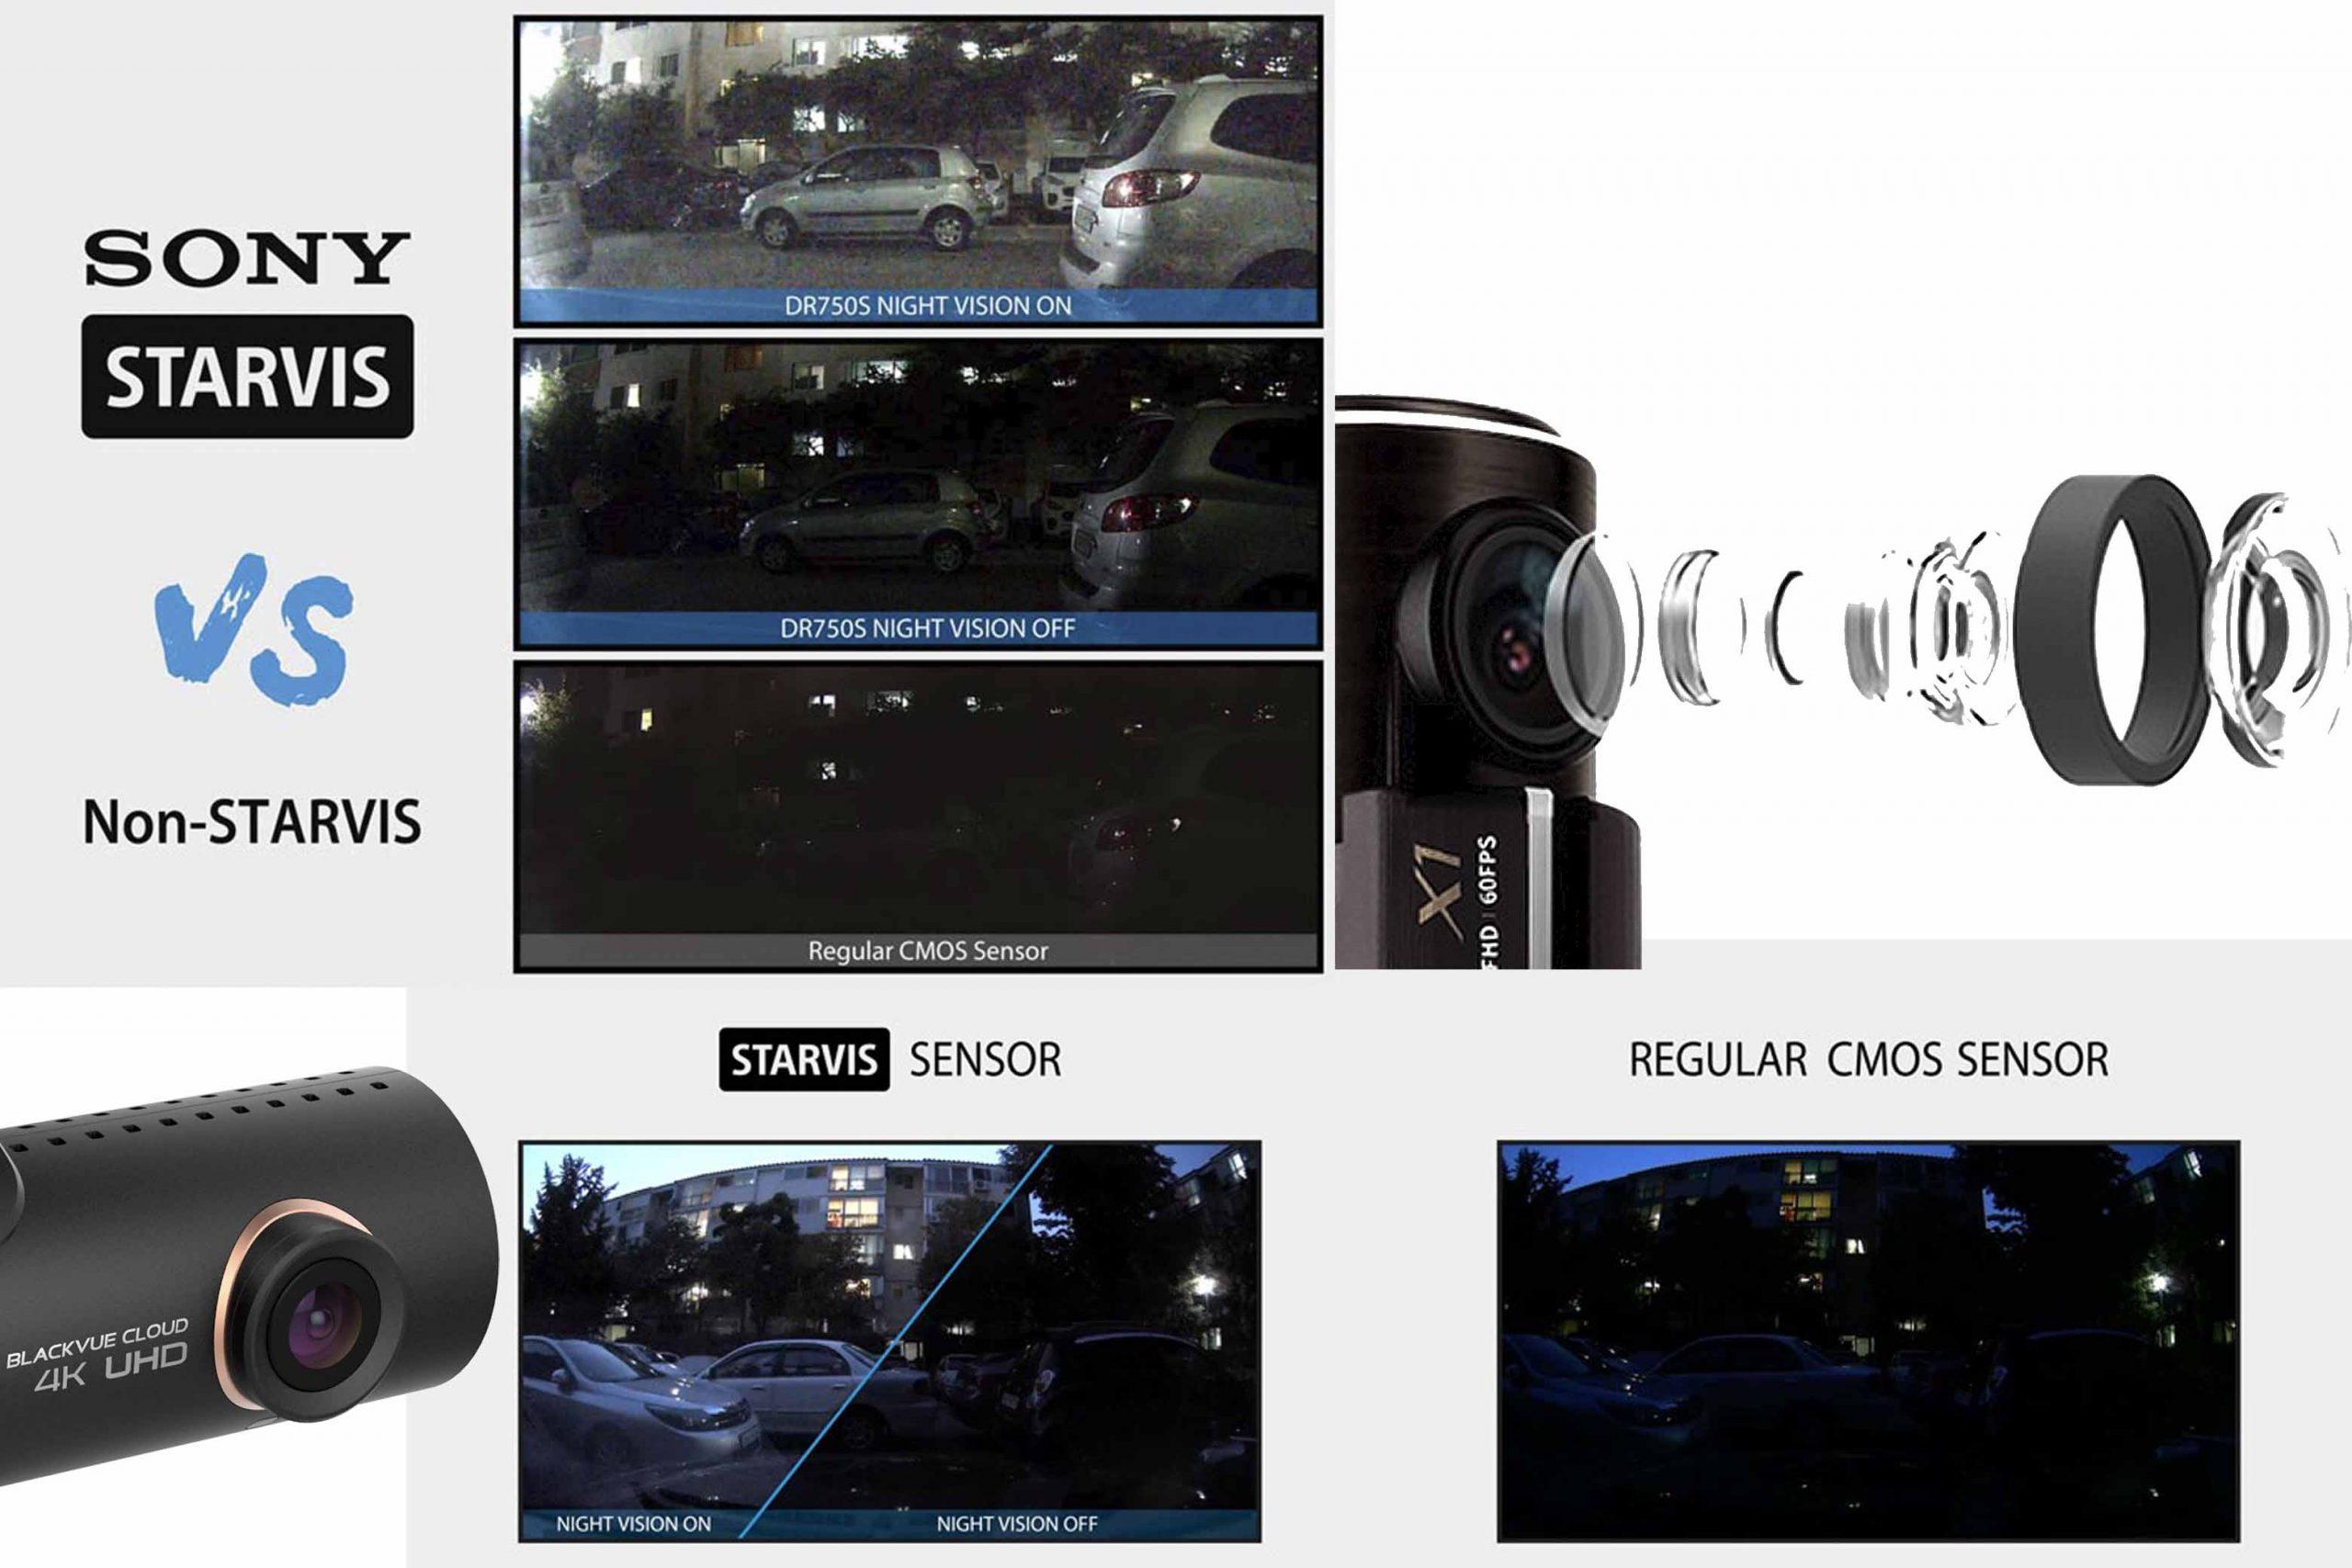 دوربین خودرو بلک ویو با قابلیت دید در شب و لنز شیشه ای مادون قرمز سونی IR